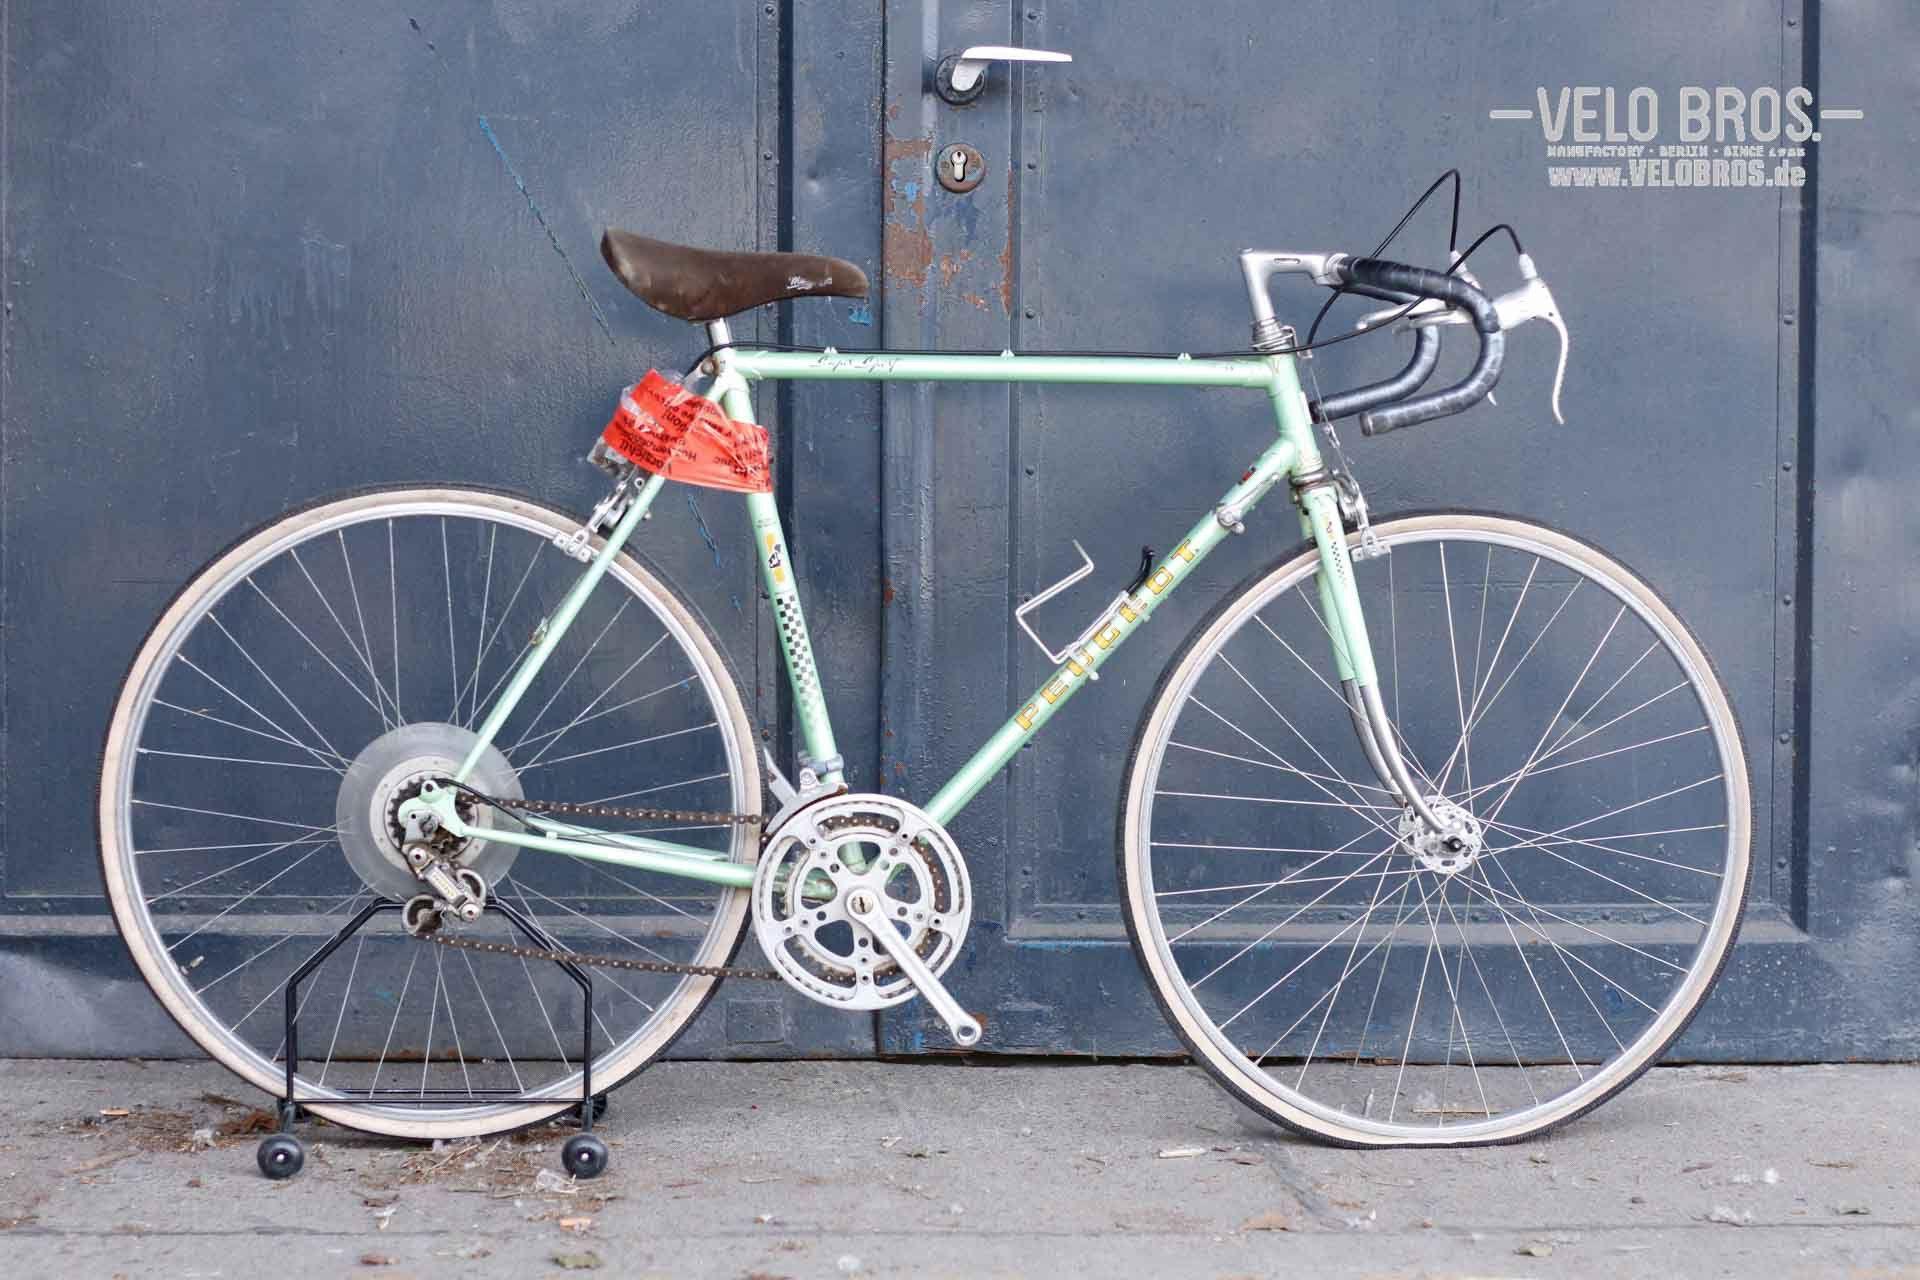 Peugeot Super Sport 54cm C C Simplex 3 Finger Levers Velo Bros Fahrrader Manufaktur Vintage Bicycles Bicycle Bike